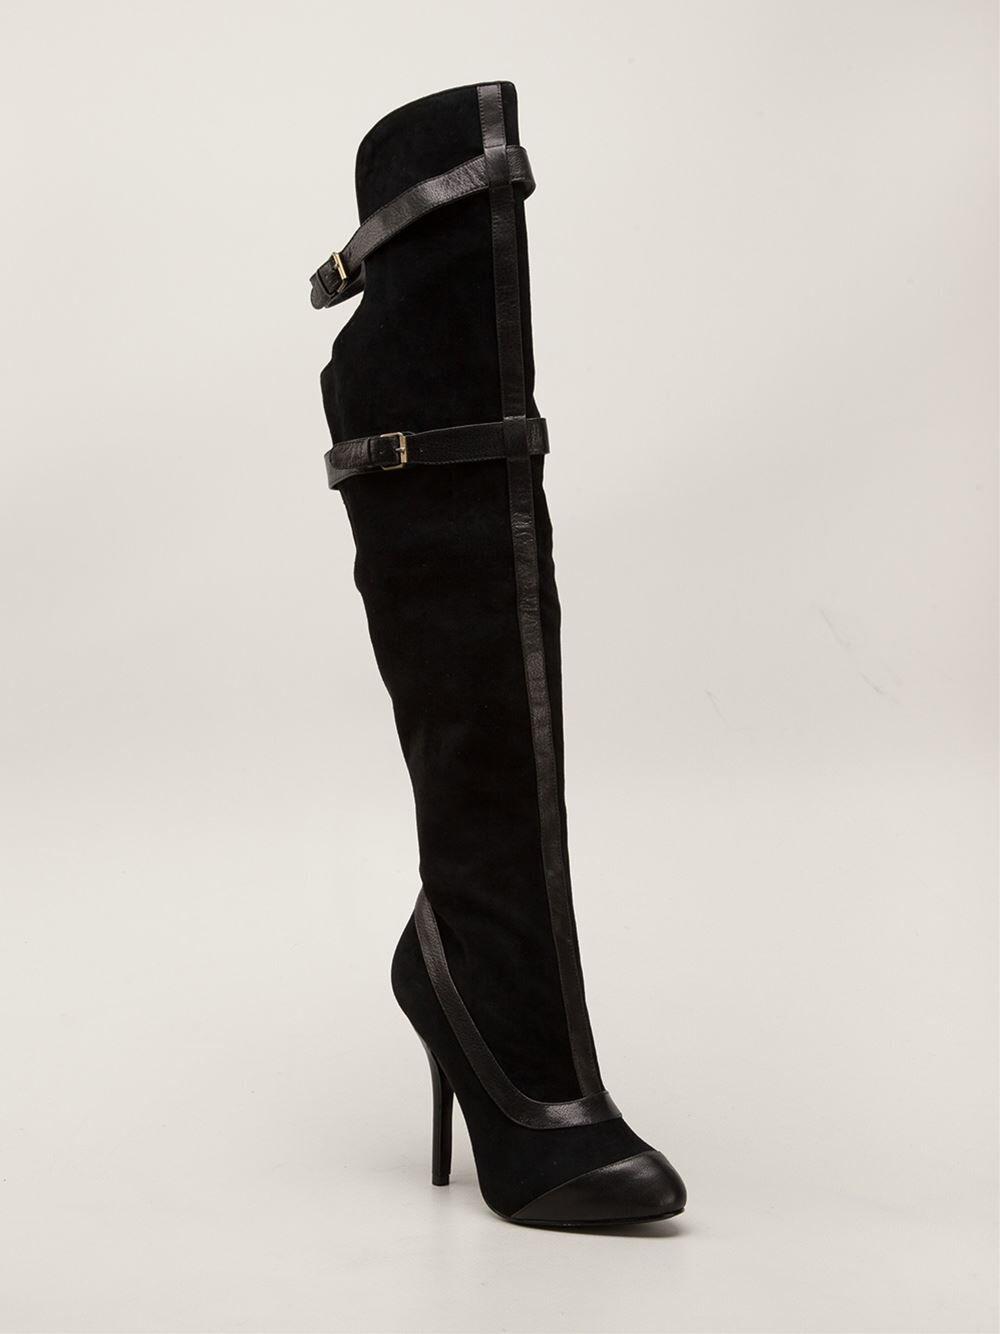 Vivienne Westwood Westwood Westwood Haven 2 Negro  8us  759 Sobre la Rodilla botas  comprar ahora